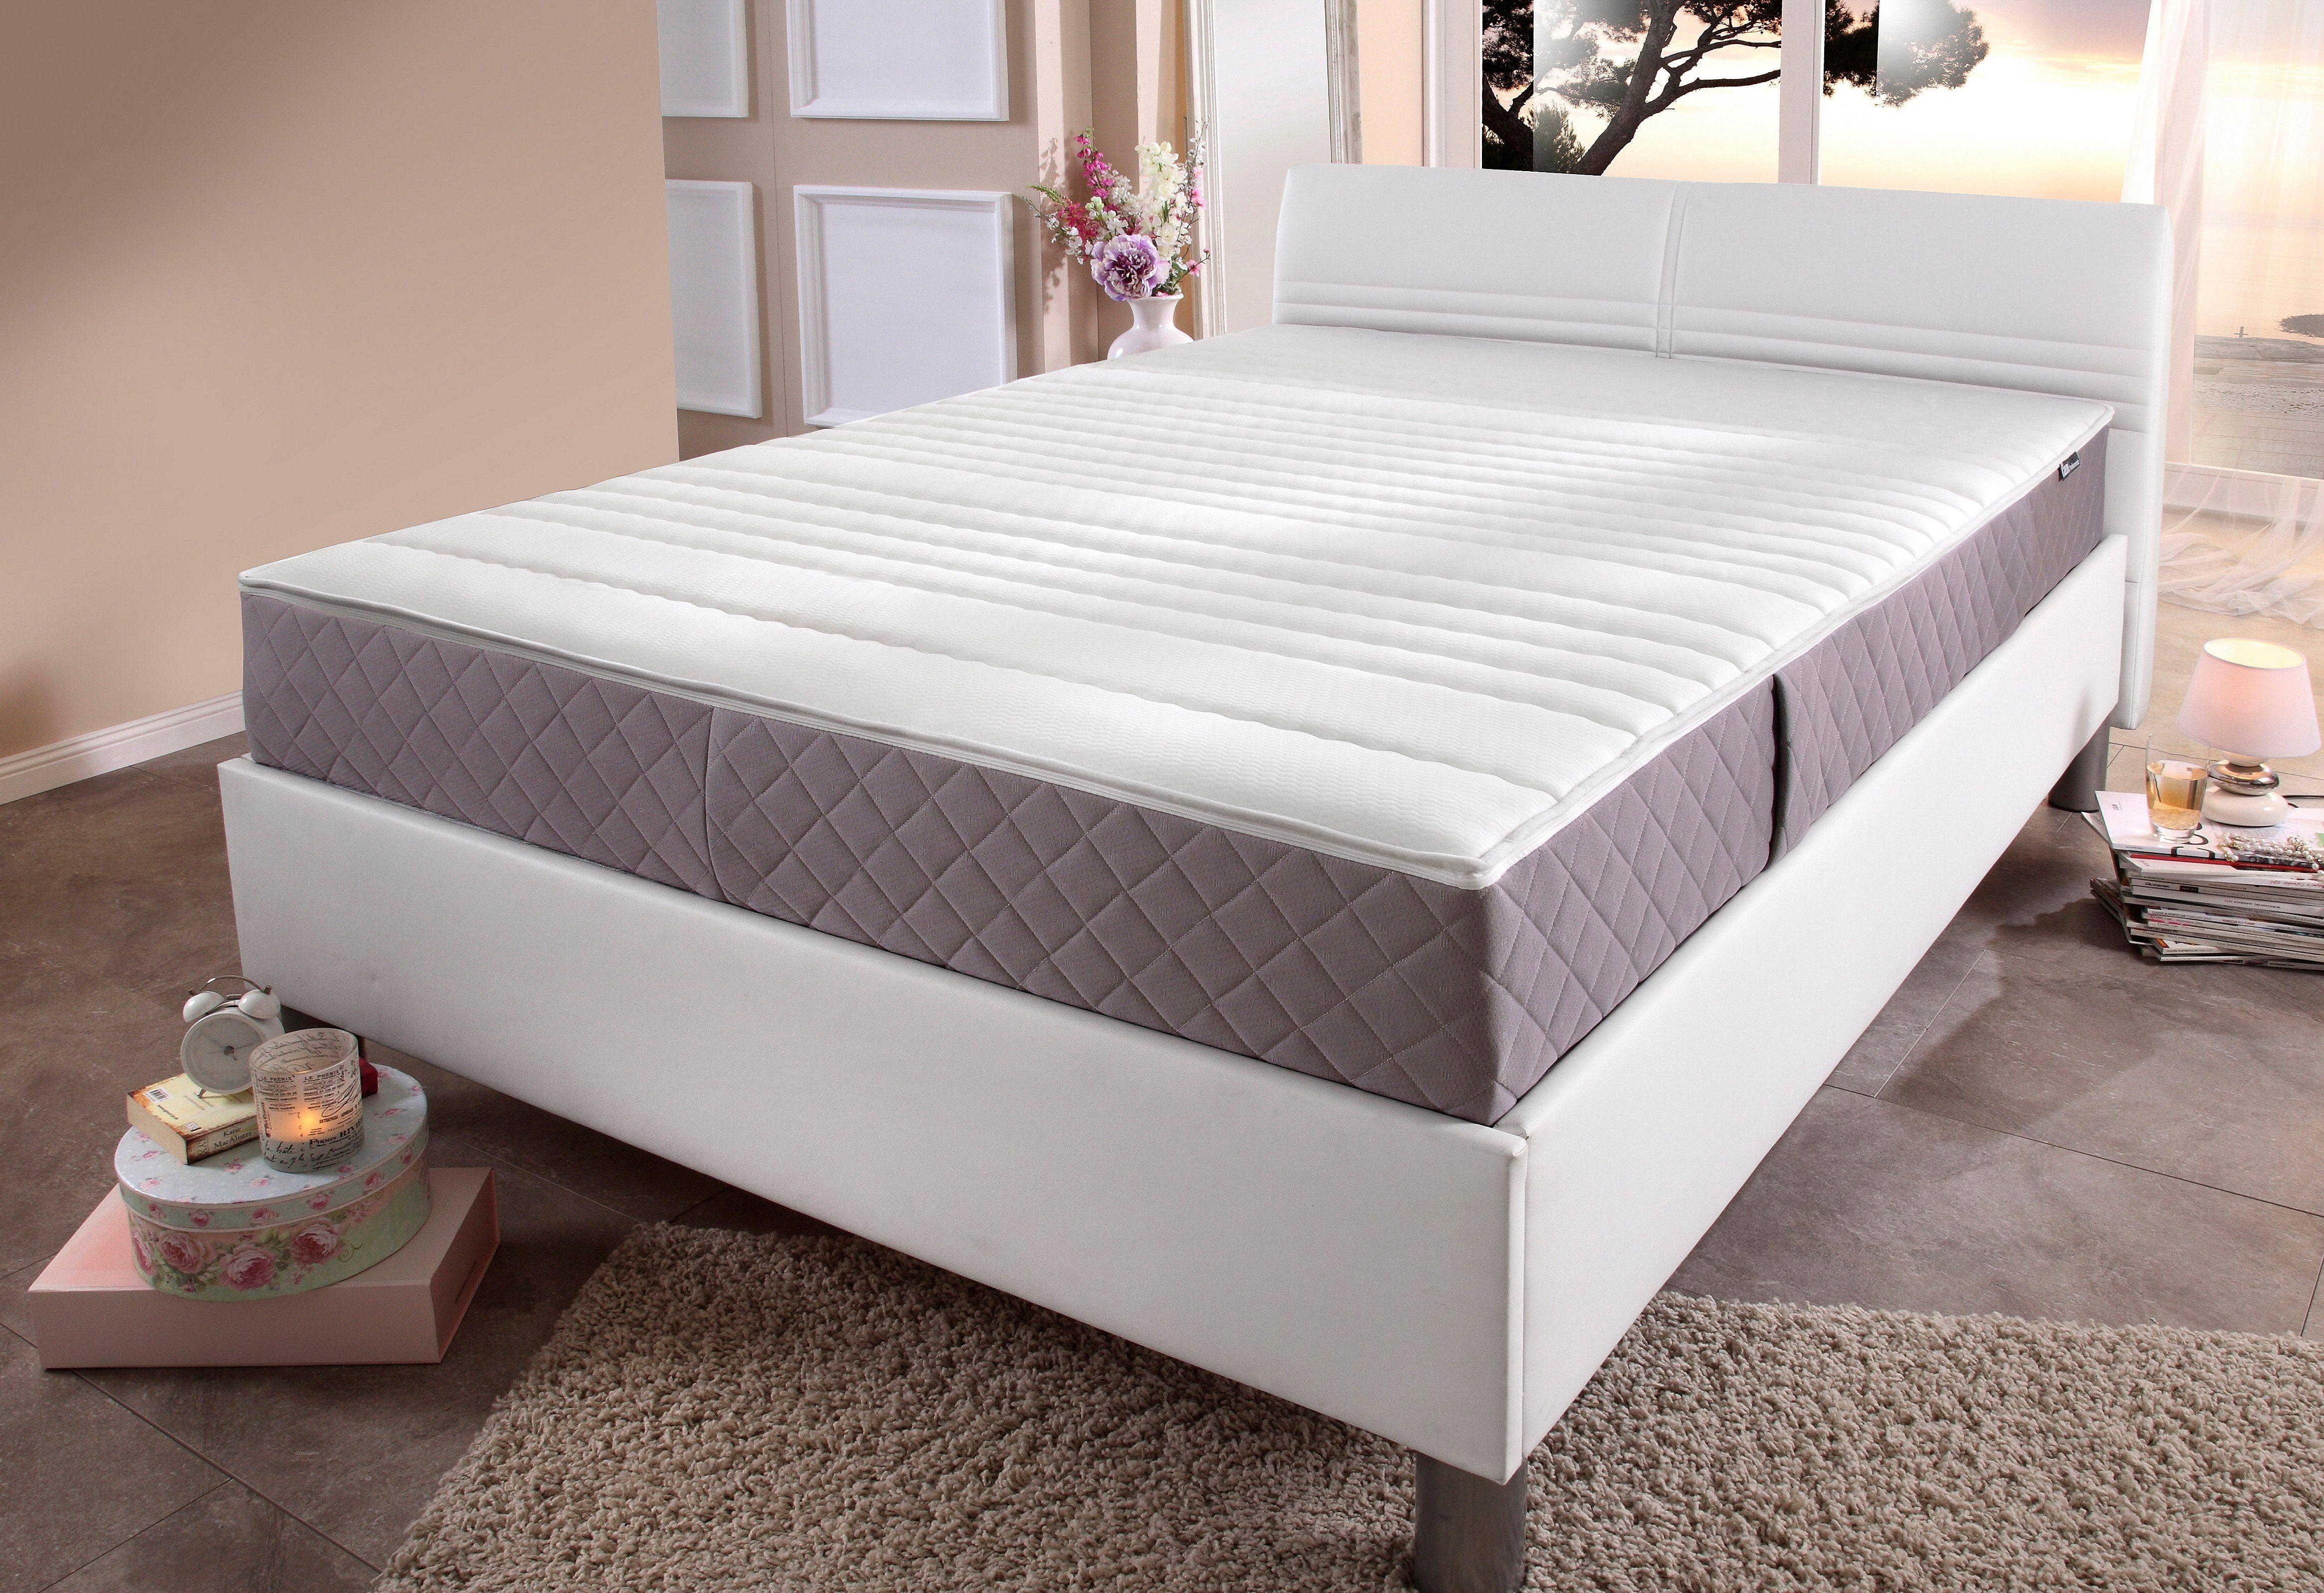 tonnentaschenfederkern matratze 500t f a n frankenstolz 20 cm hoch raumgewicht 30 544. Black Bedroom Furniture Sets. Home Design Ideas